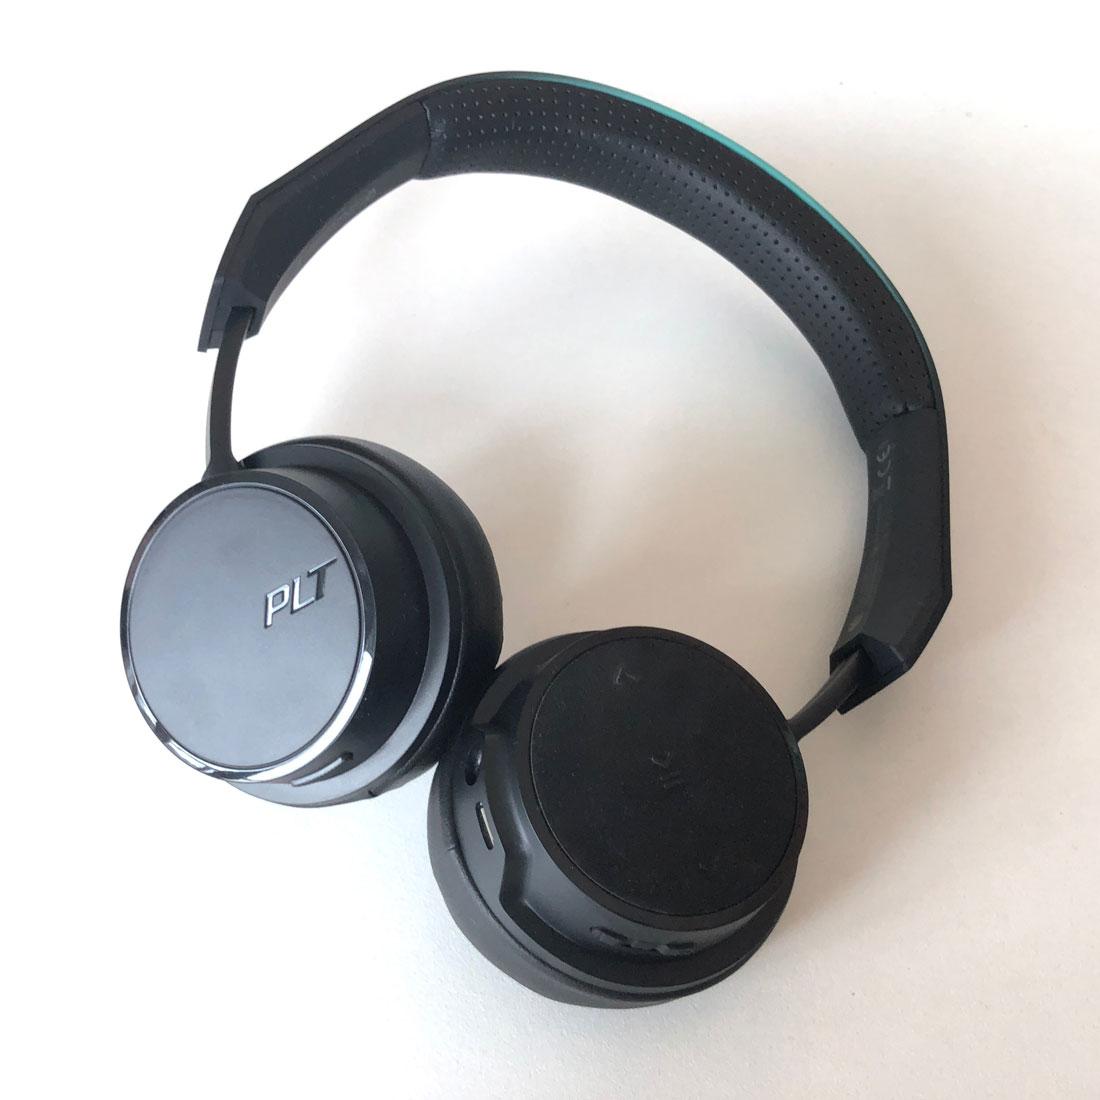 Le casque de sport Bluetooth Plantronics BackBeat FIT 500, 2018, Ph. Moctar KANE.